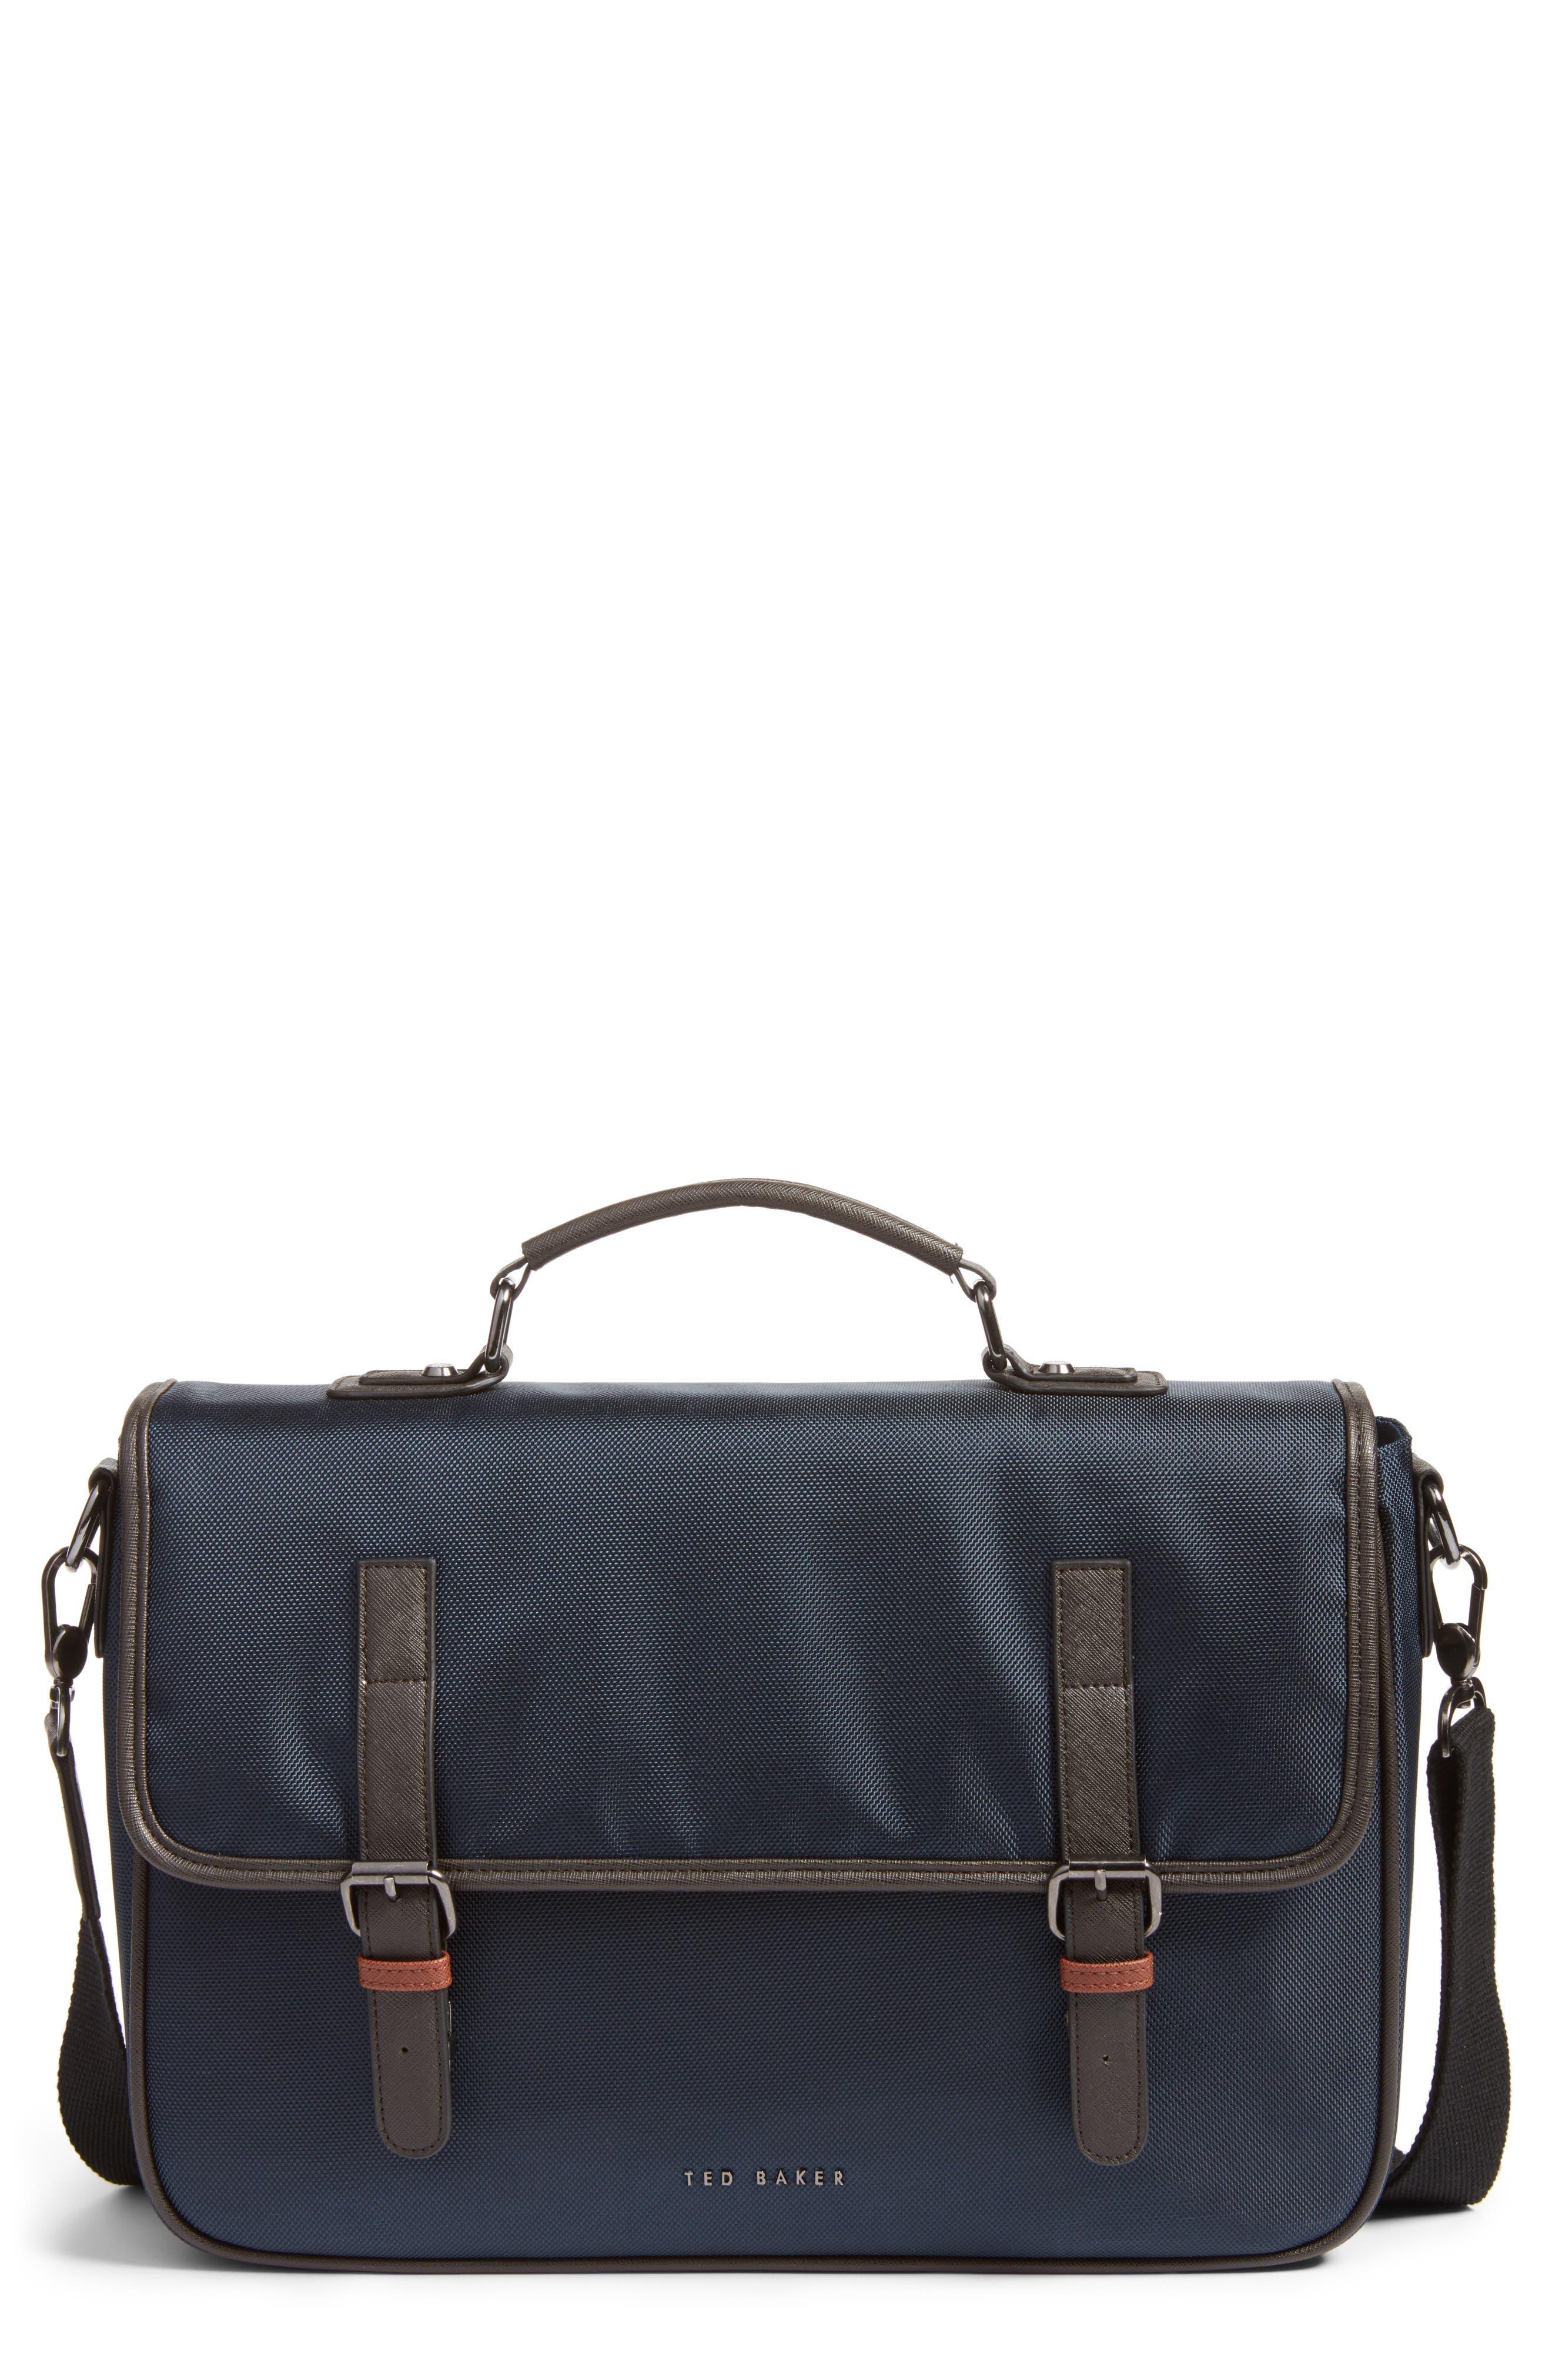 Alternate Image 1 Selected - Ted Baker London Cattar Messenger Bag